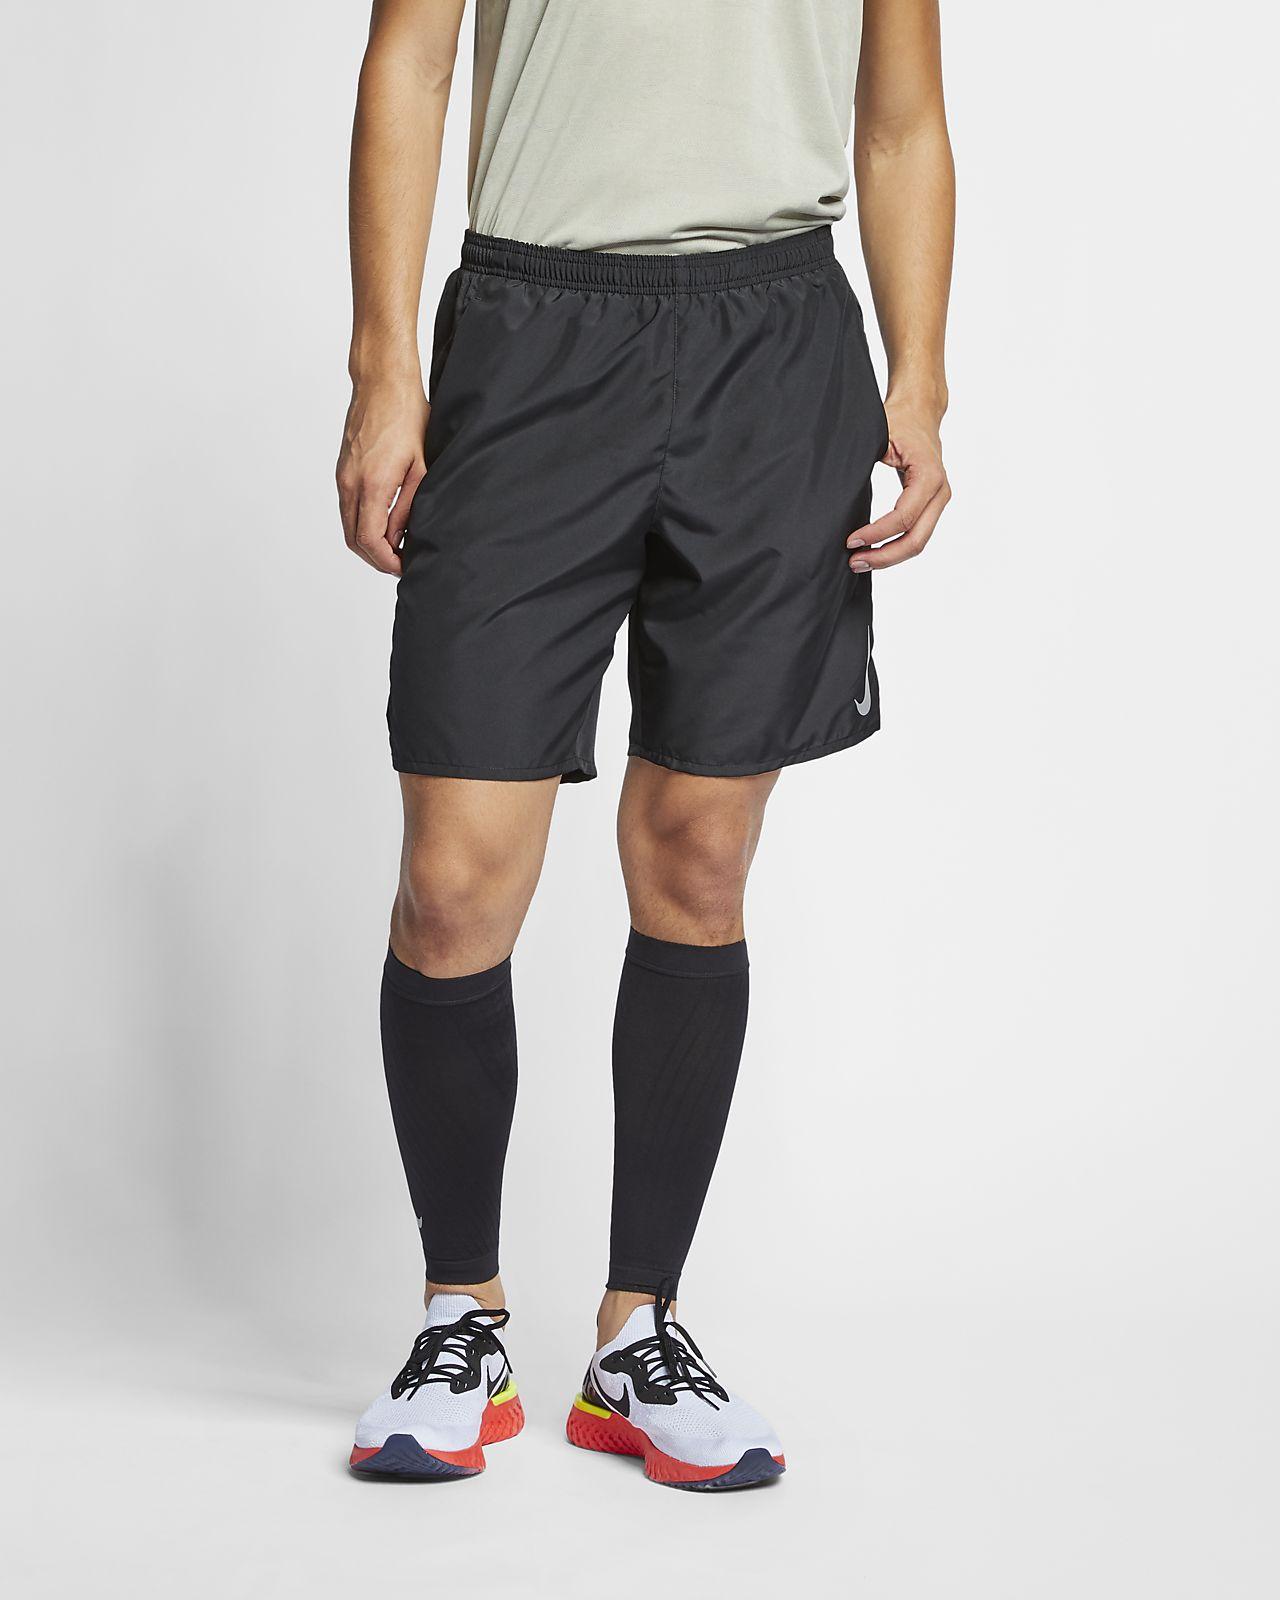 Nike Challenger Herren-Laufshorts mit integriertem Slip (ca. 23 cm)